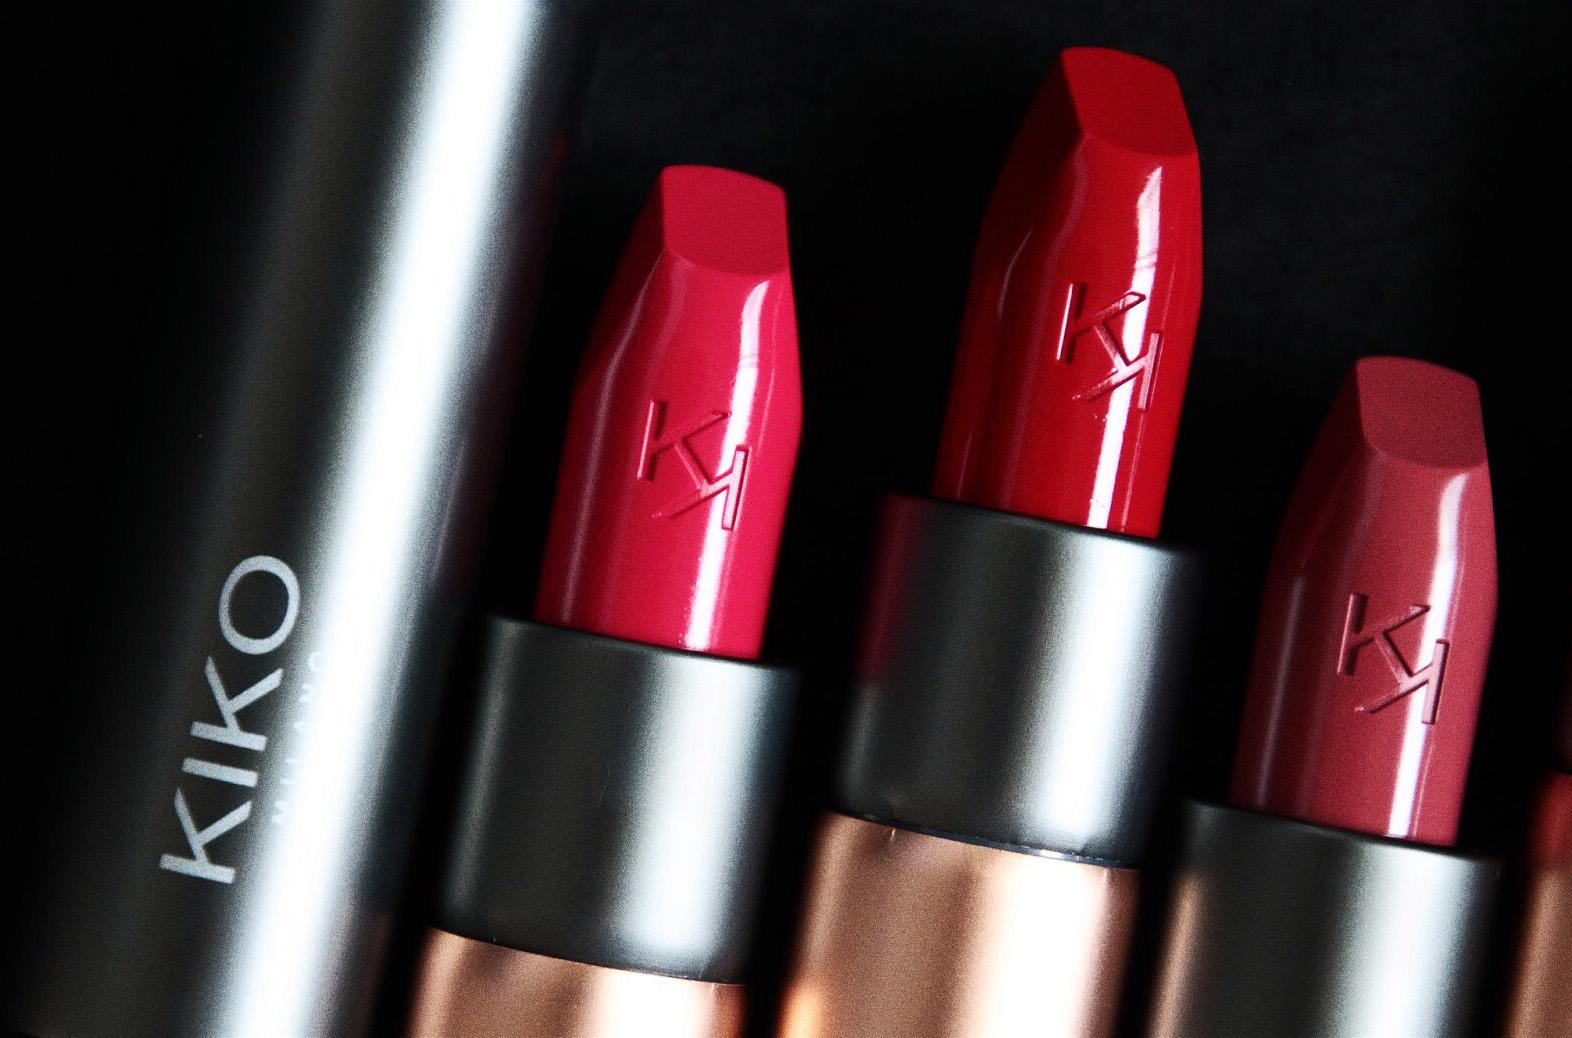 kiko velvet passion matte lipstick rouge à lèvres mat avis test swatch